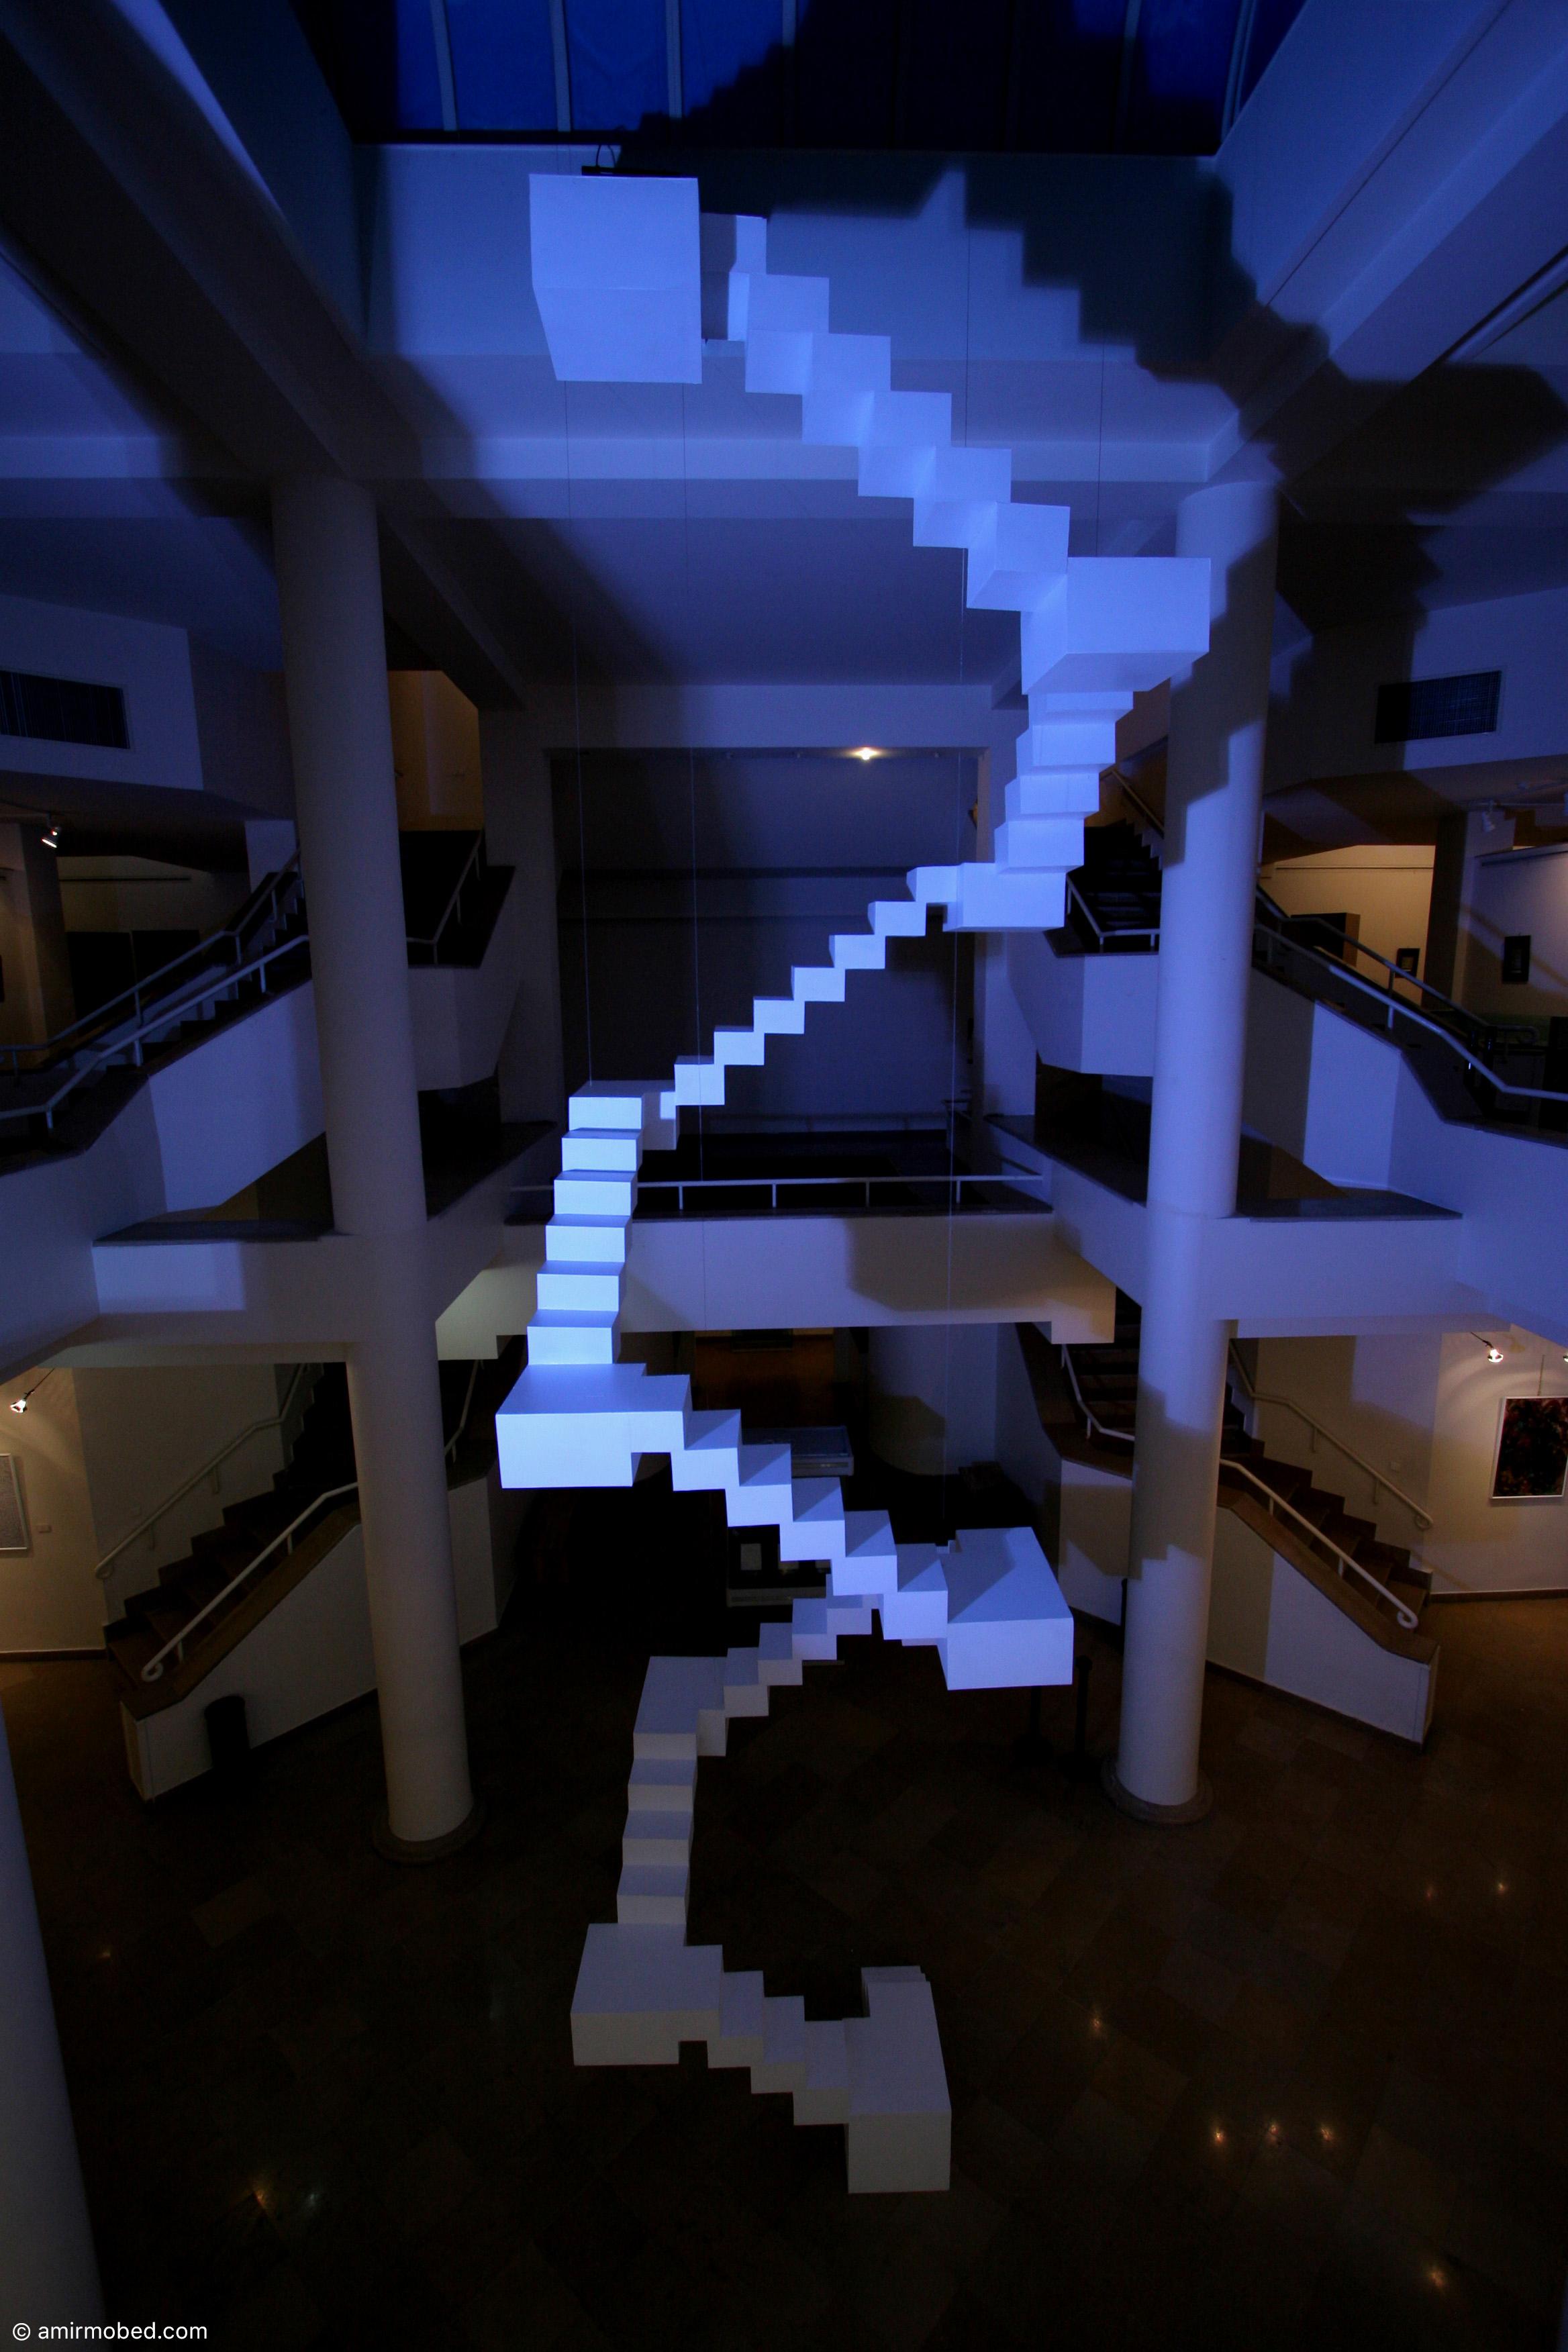 بلند آسمان، ۱۳۸۶، چیدمان، آرماتور، روکشMDF ، رنگ سفید اکرلیک، ابعاد: ۹۵۰ × ۲۵۰ × ۲۵۰ متر، چاپ دیجیتال ۲ × ۴ متر